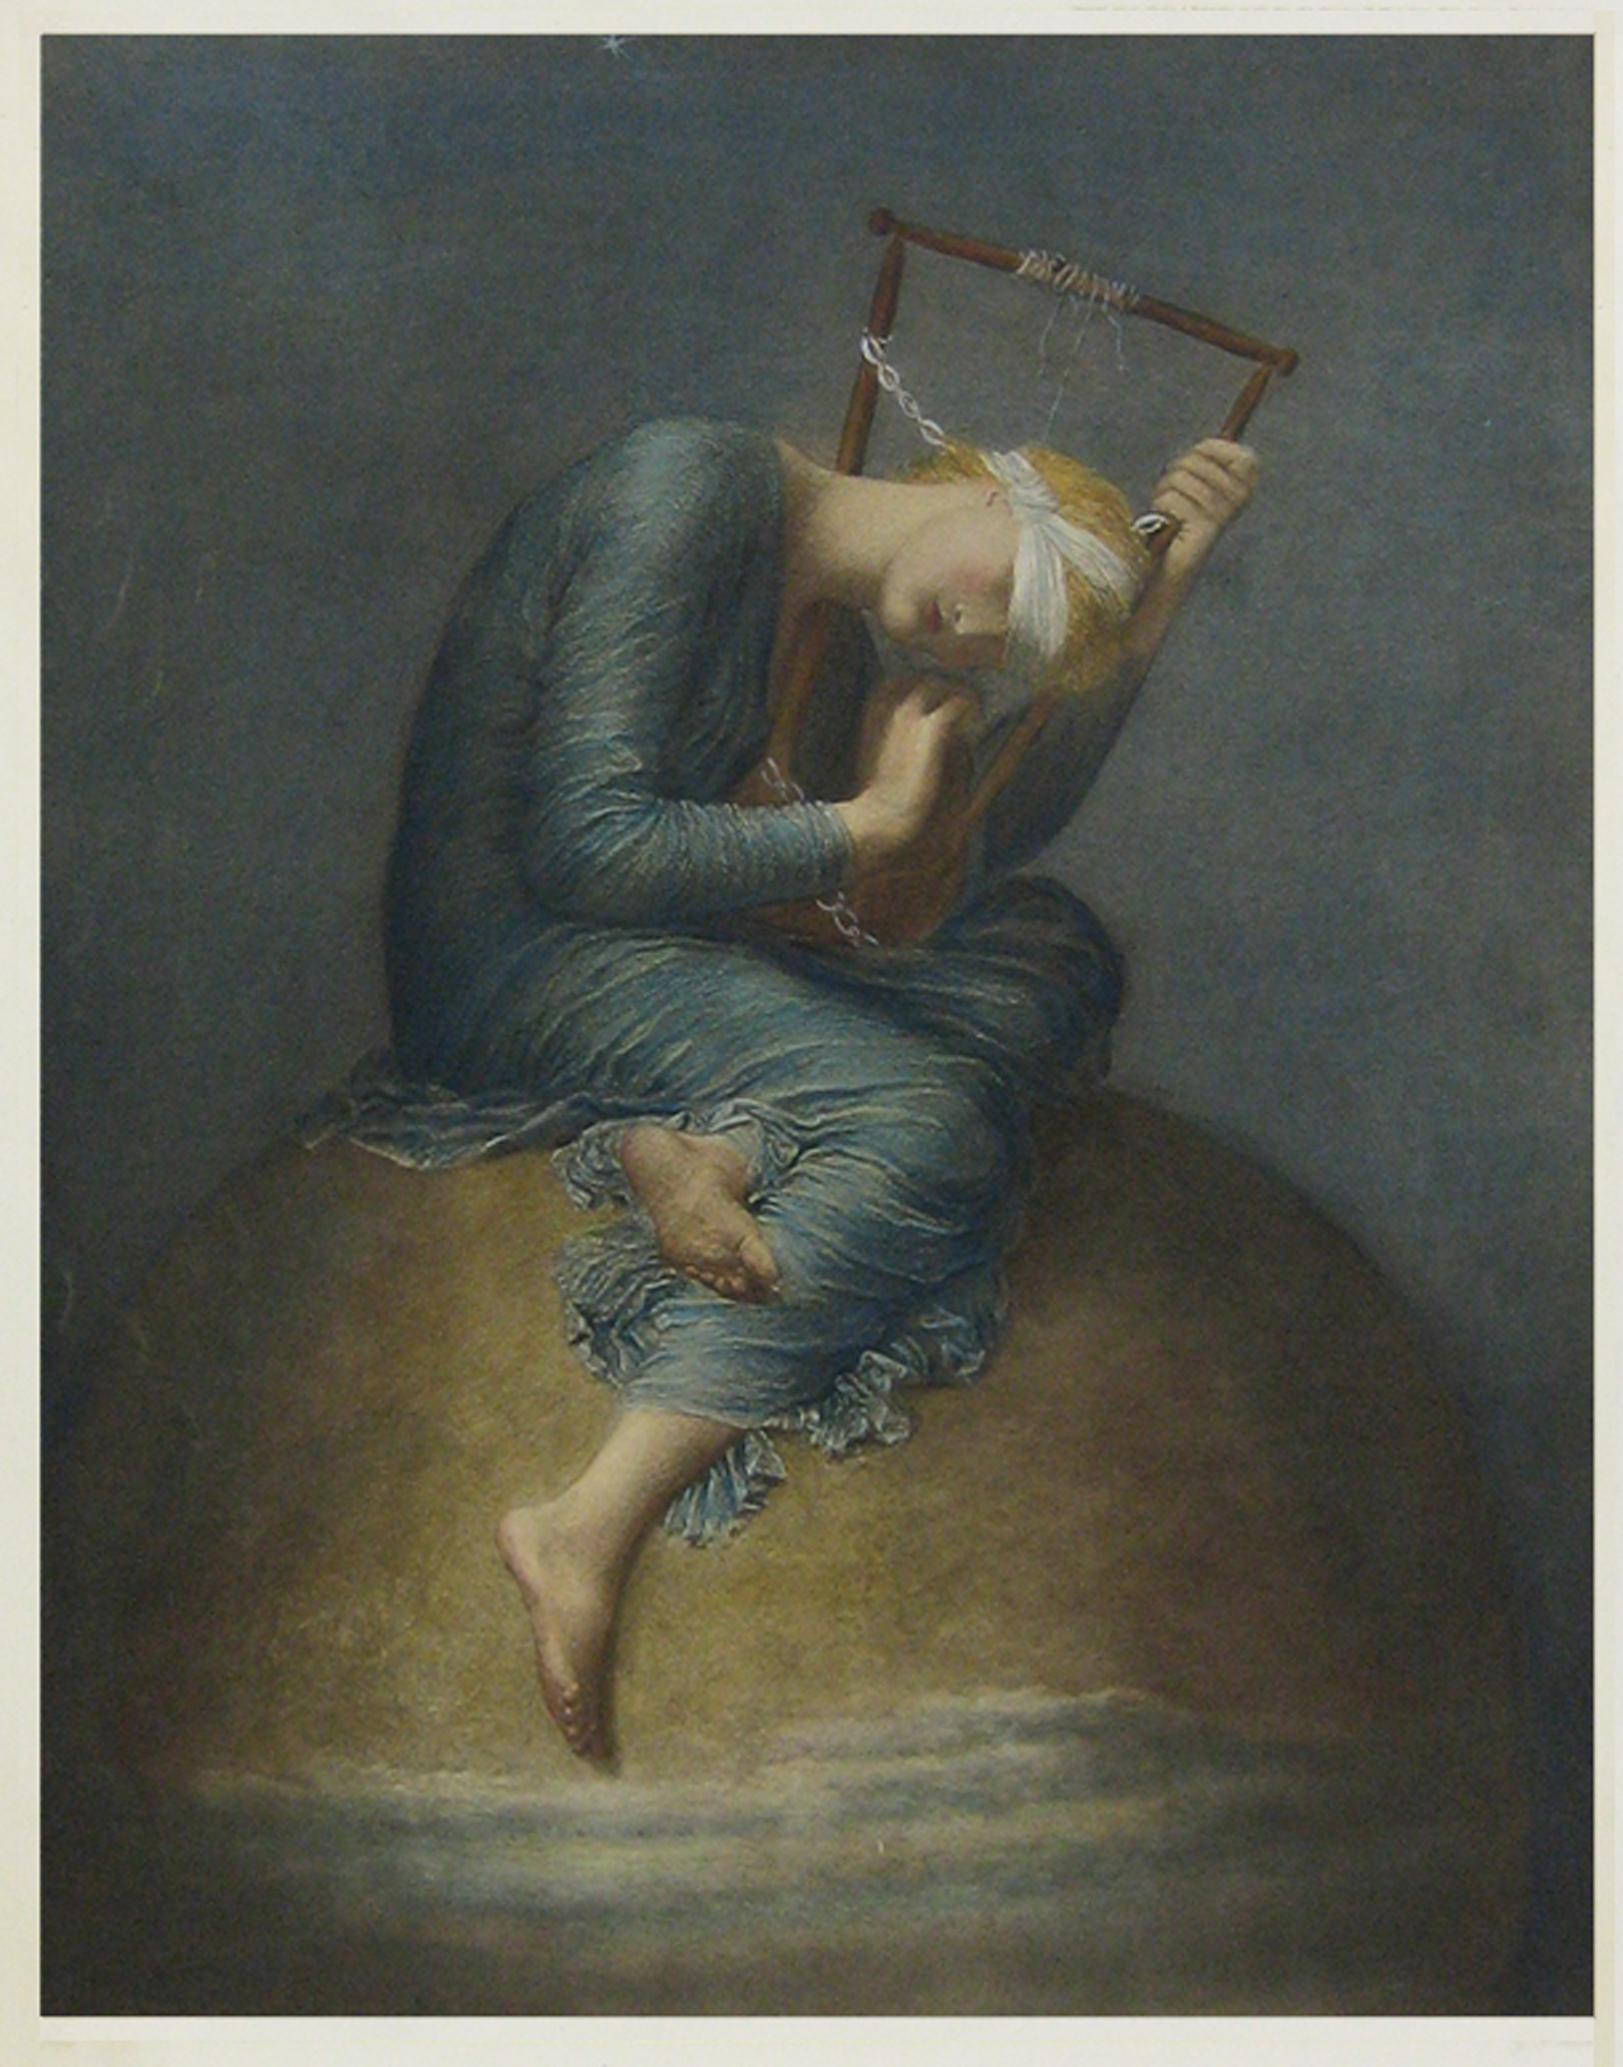 象徴主義からマグリット、デルヴォーらの作品を展覧販売 『象徴派から ...